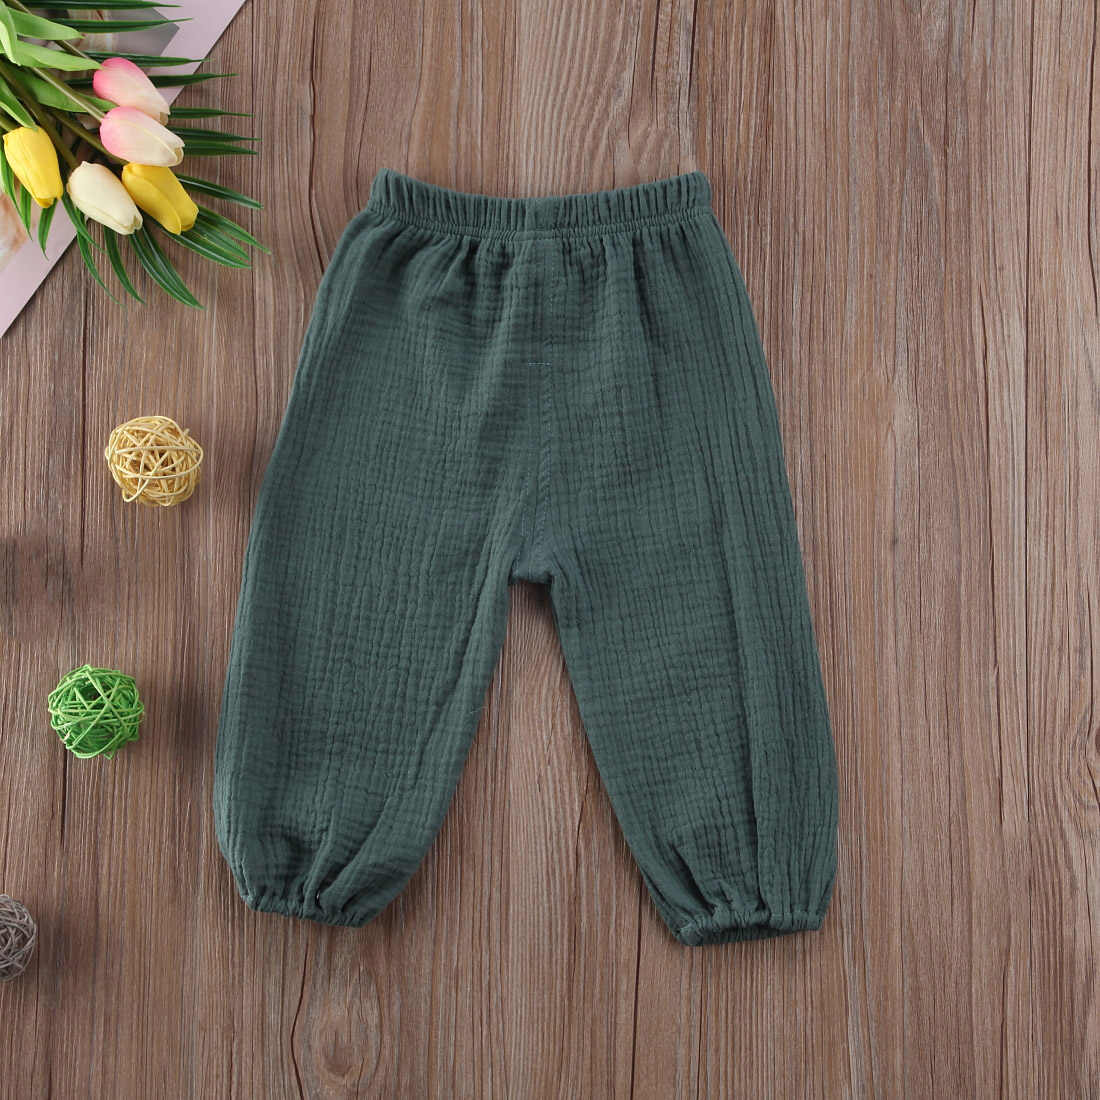 4 สีเด็กทารกเด็กผู้หญิงกางเกงย่นPantalettesกางเกงทารกหลวมยาวกางเกง